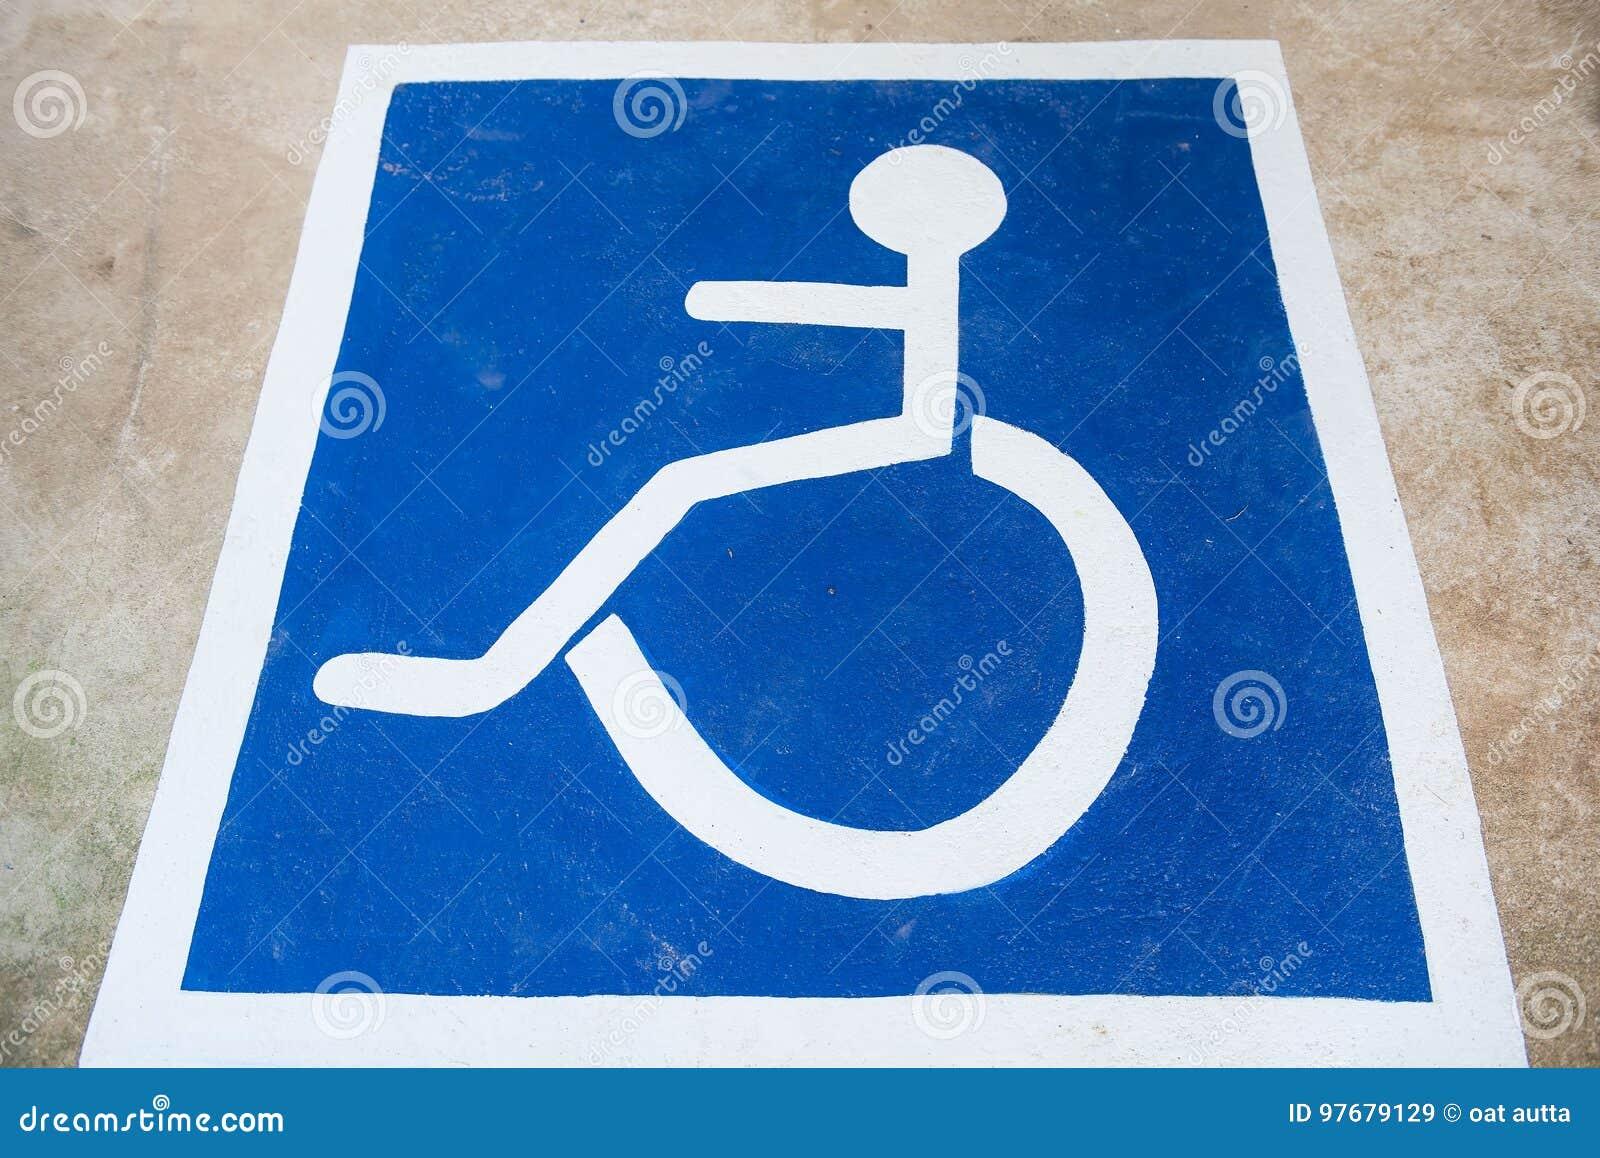 Estacionamiento blanco y azul del coche del símbolo de la desventaja de discapacitado en el piso